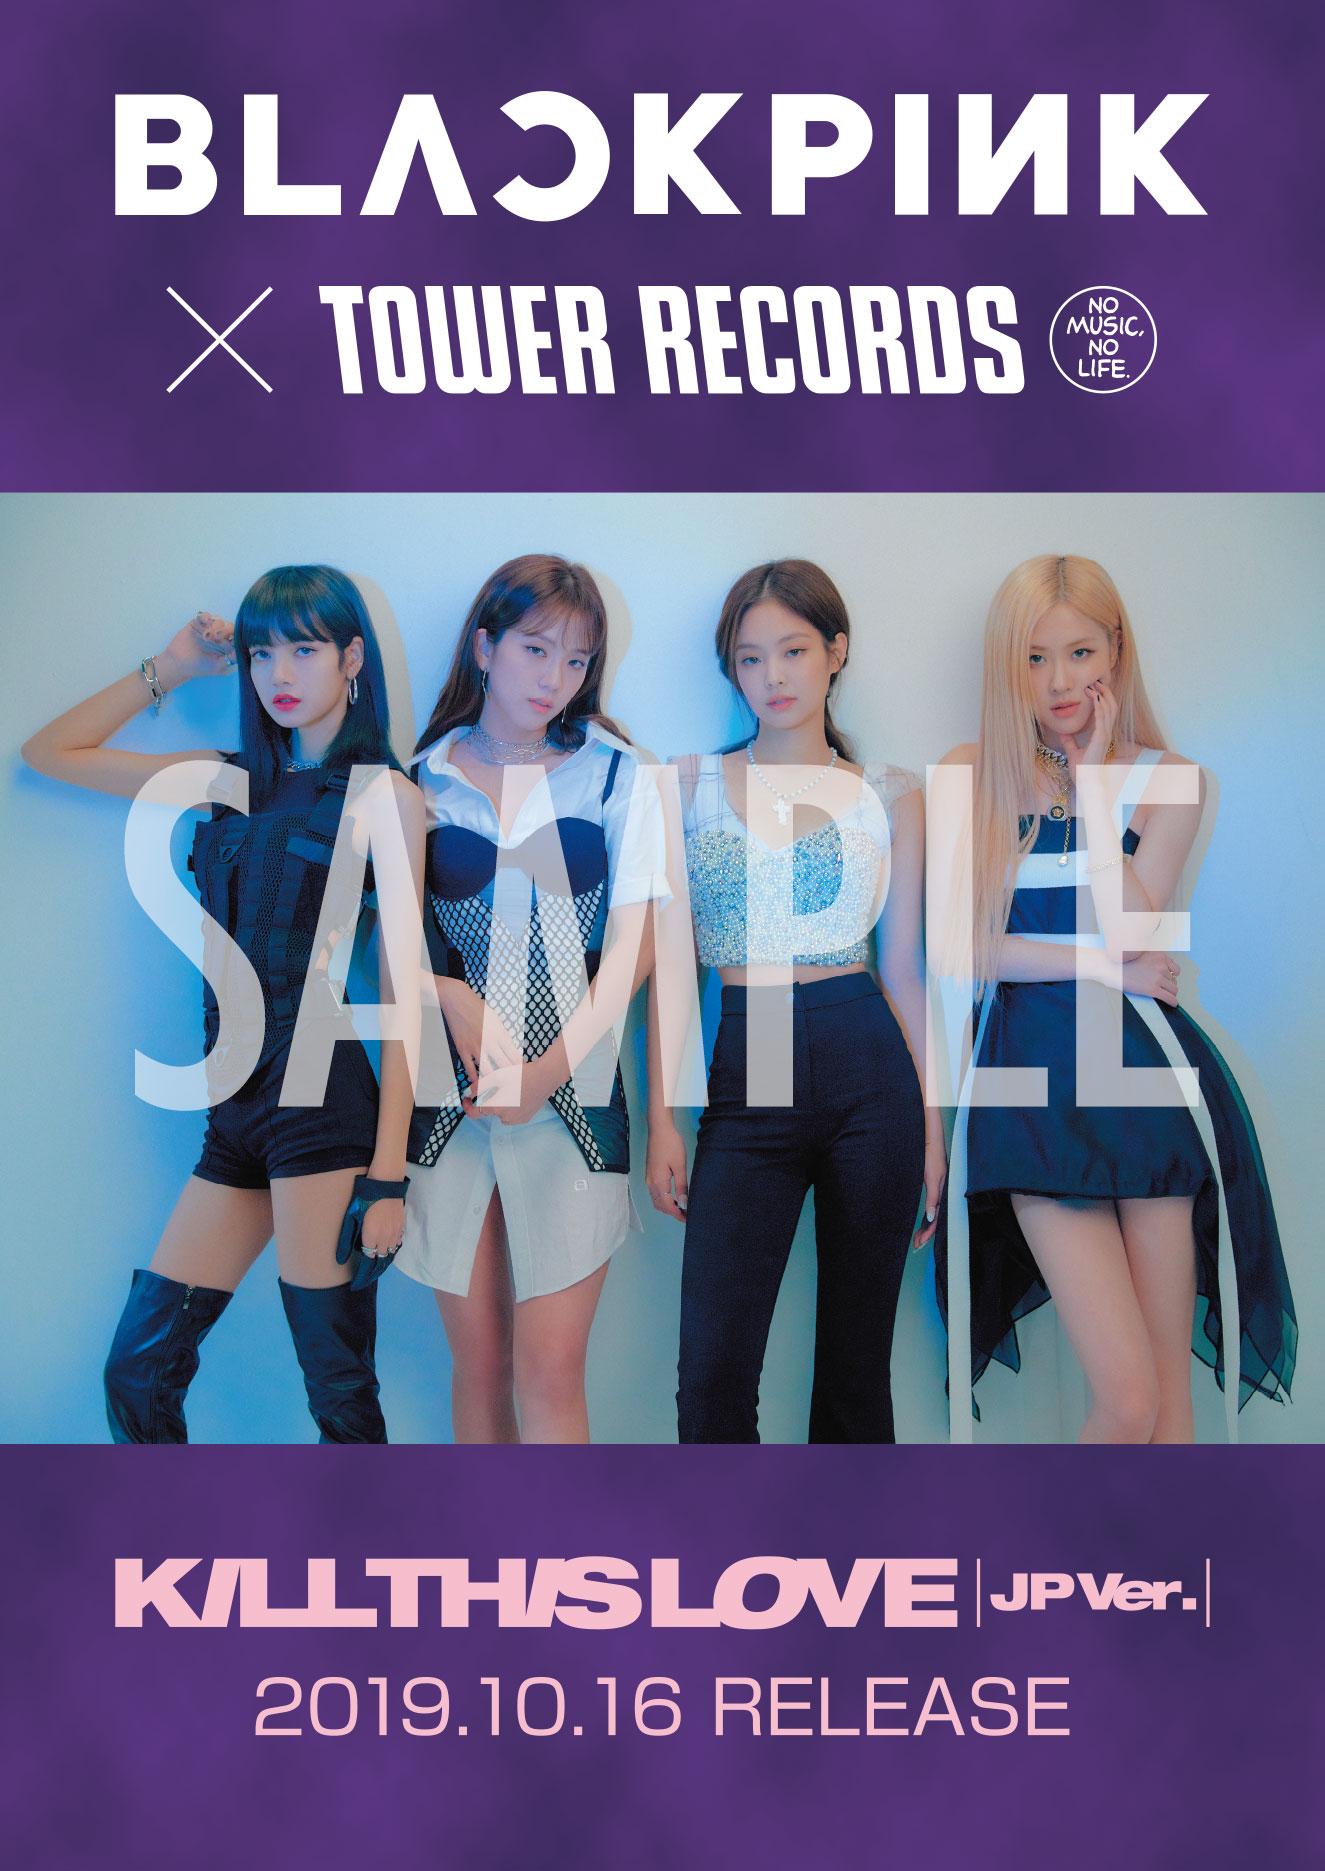 【BLACKPINK × TOWER RECORDS】10/16(水)発売『KILL THIS LOVE -JP Ver.-』リリース記念タワーレコード豪華コラボキャンペーン決定!